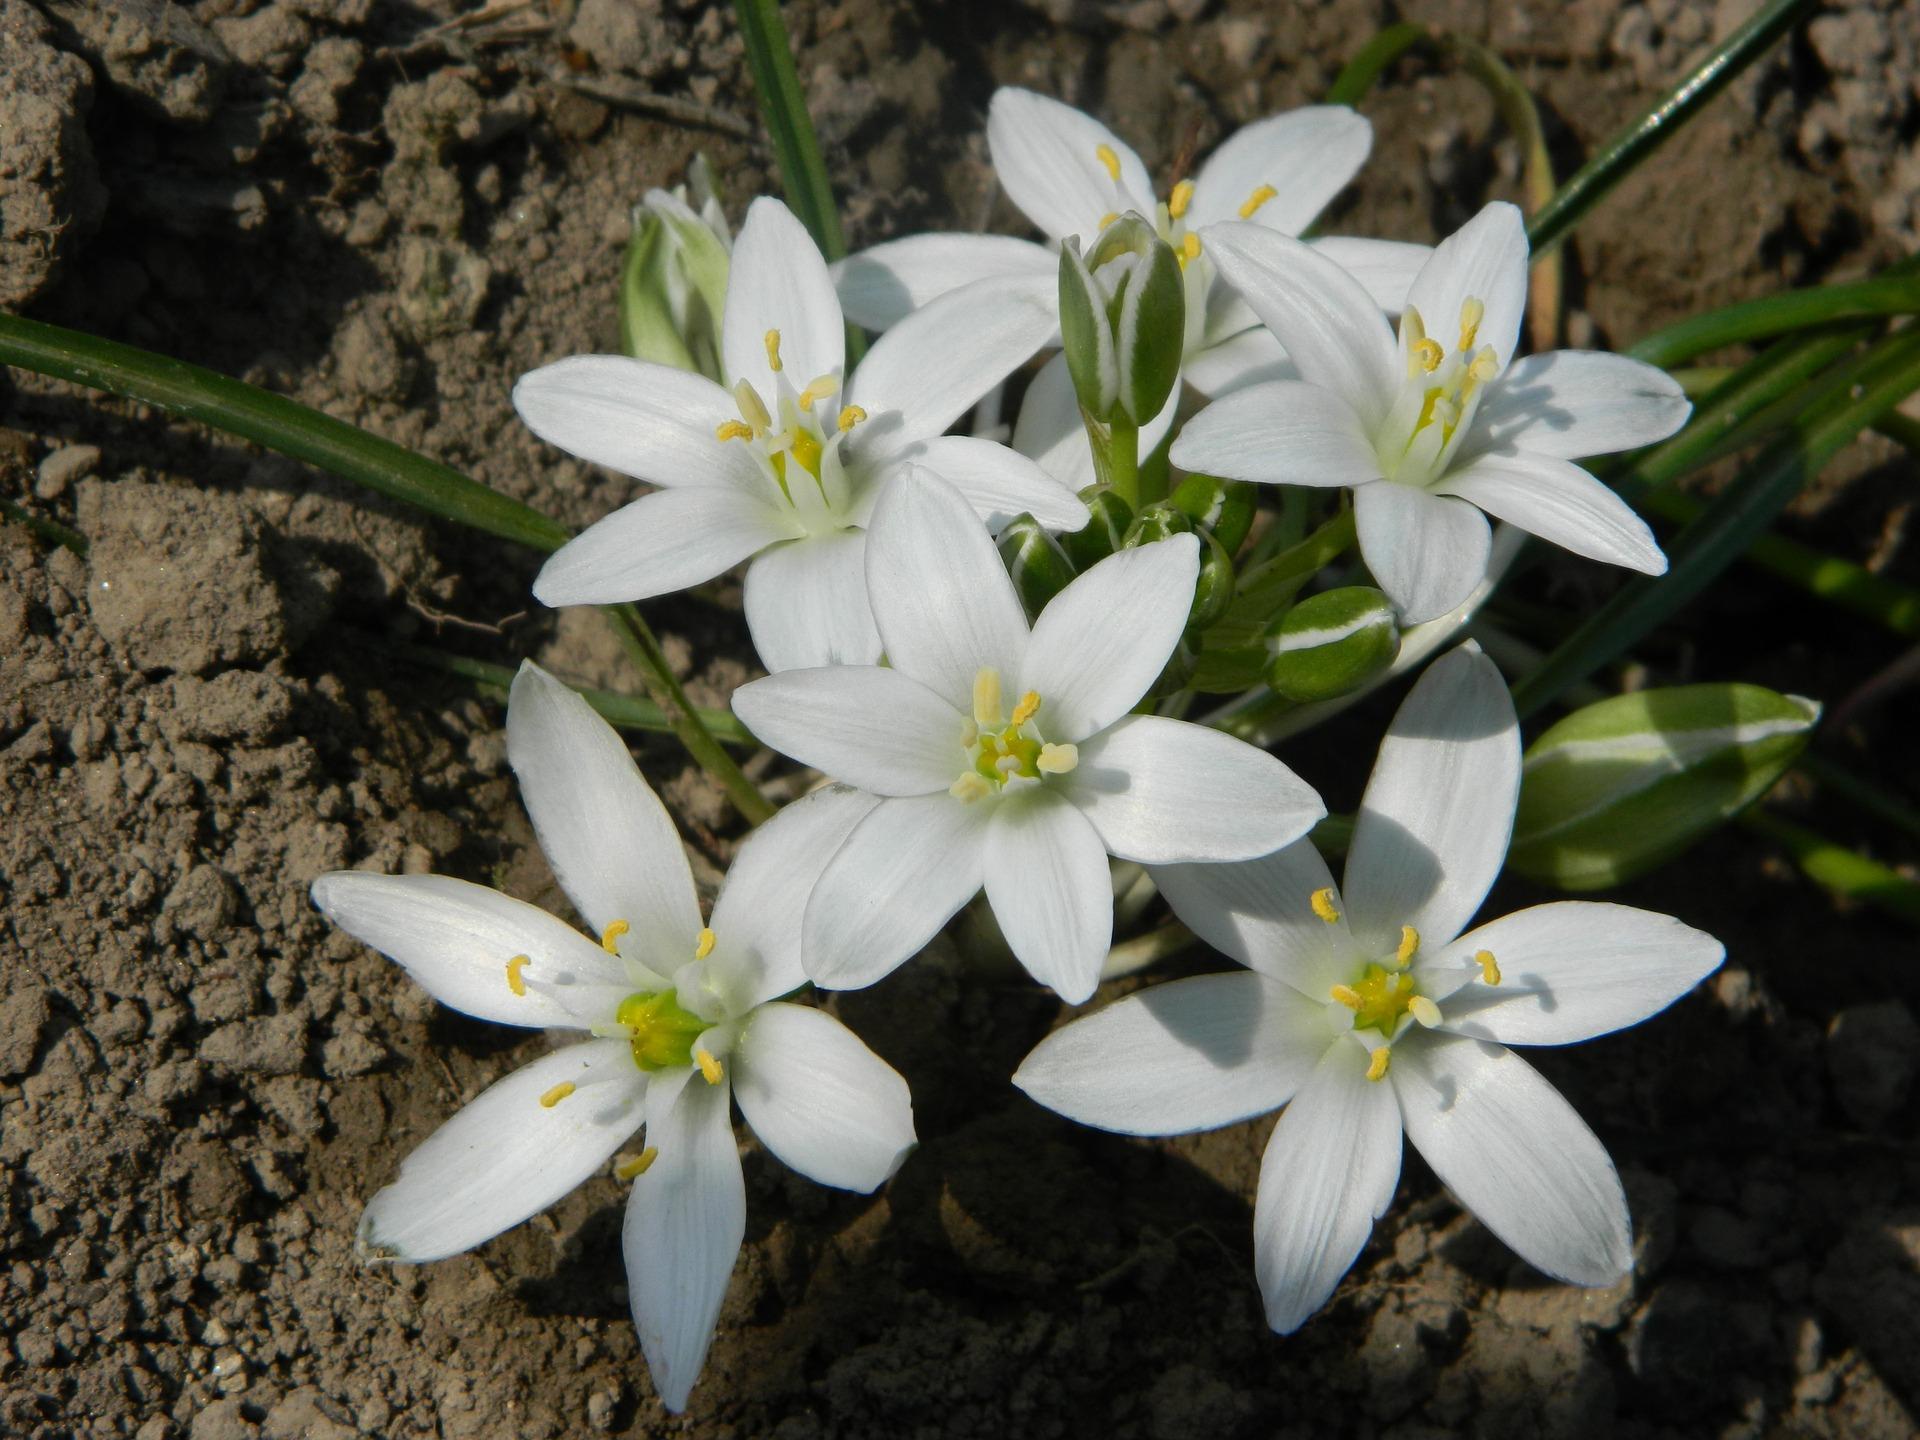 Star of Bethlehem - fiore (Ornithogalum - umbellatum)